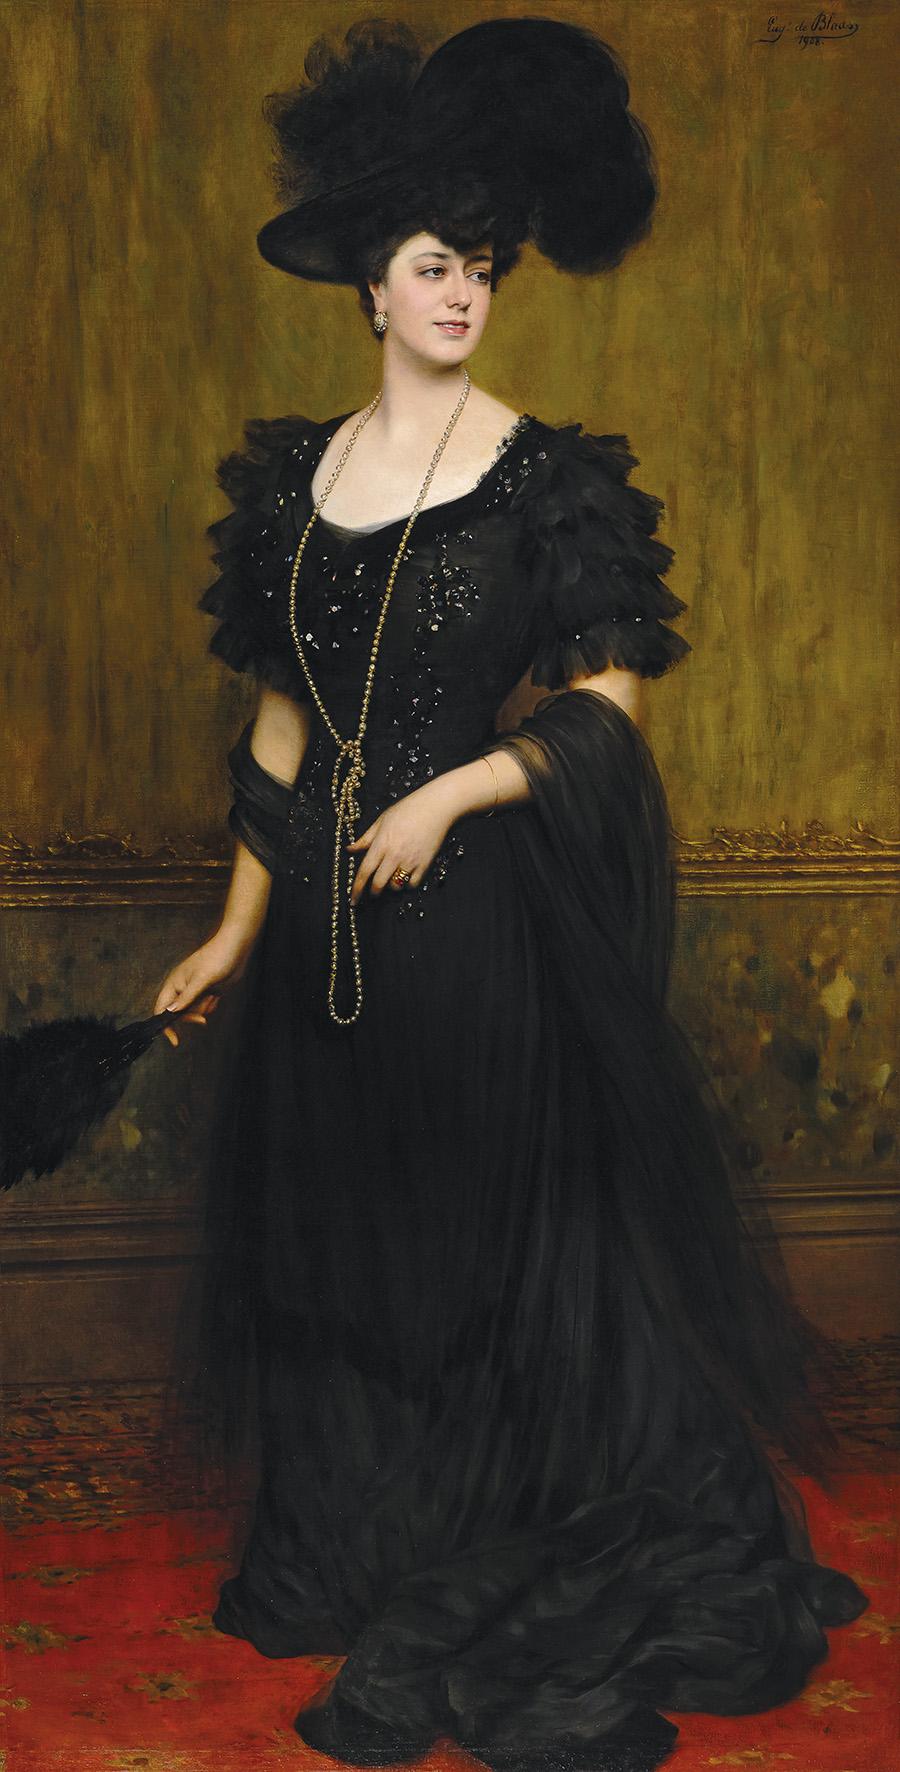 Eugen von Blaas (1843–1931), Bildnis der Madame Lebreton, 1908, Öl auf Leinwand, 225 x 116 cm, € 150.000 – 200.000